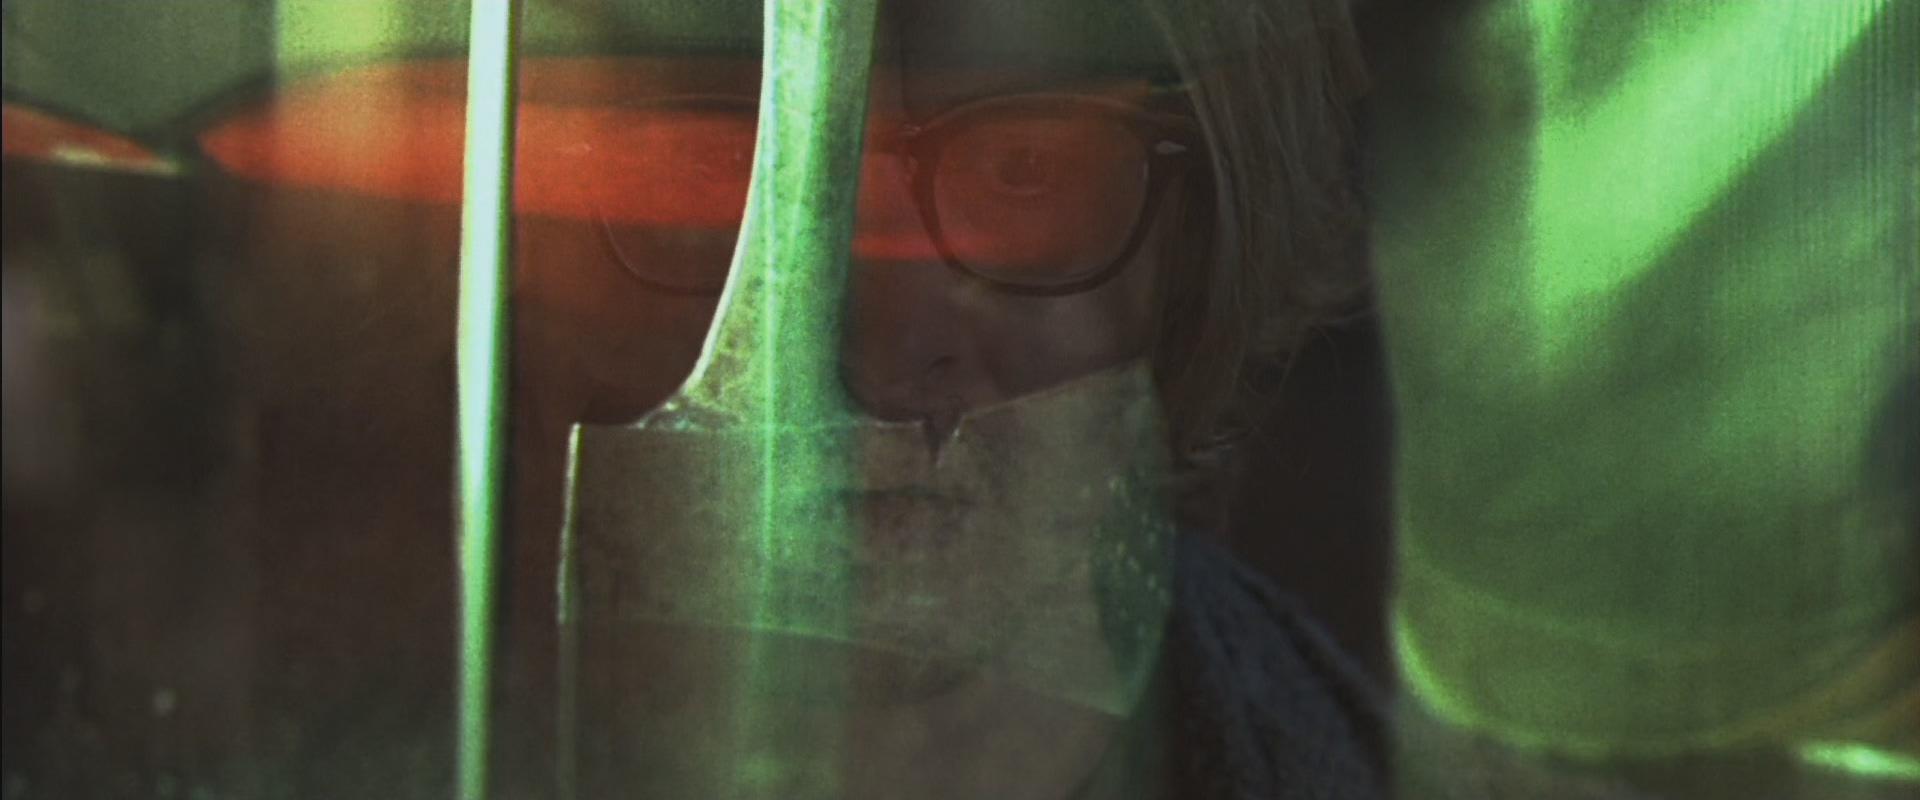 悠悠MP4_MP4电影下载_秘窗/笔下窗狂/秘密窗/神秘窗/凶窗幻影[简繁英双语字幕].Secret.Window.2004.BluRay.1080p.PCM5.1.x264-BBQDDQ